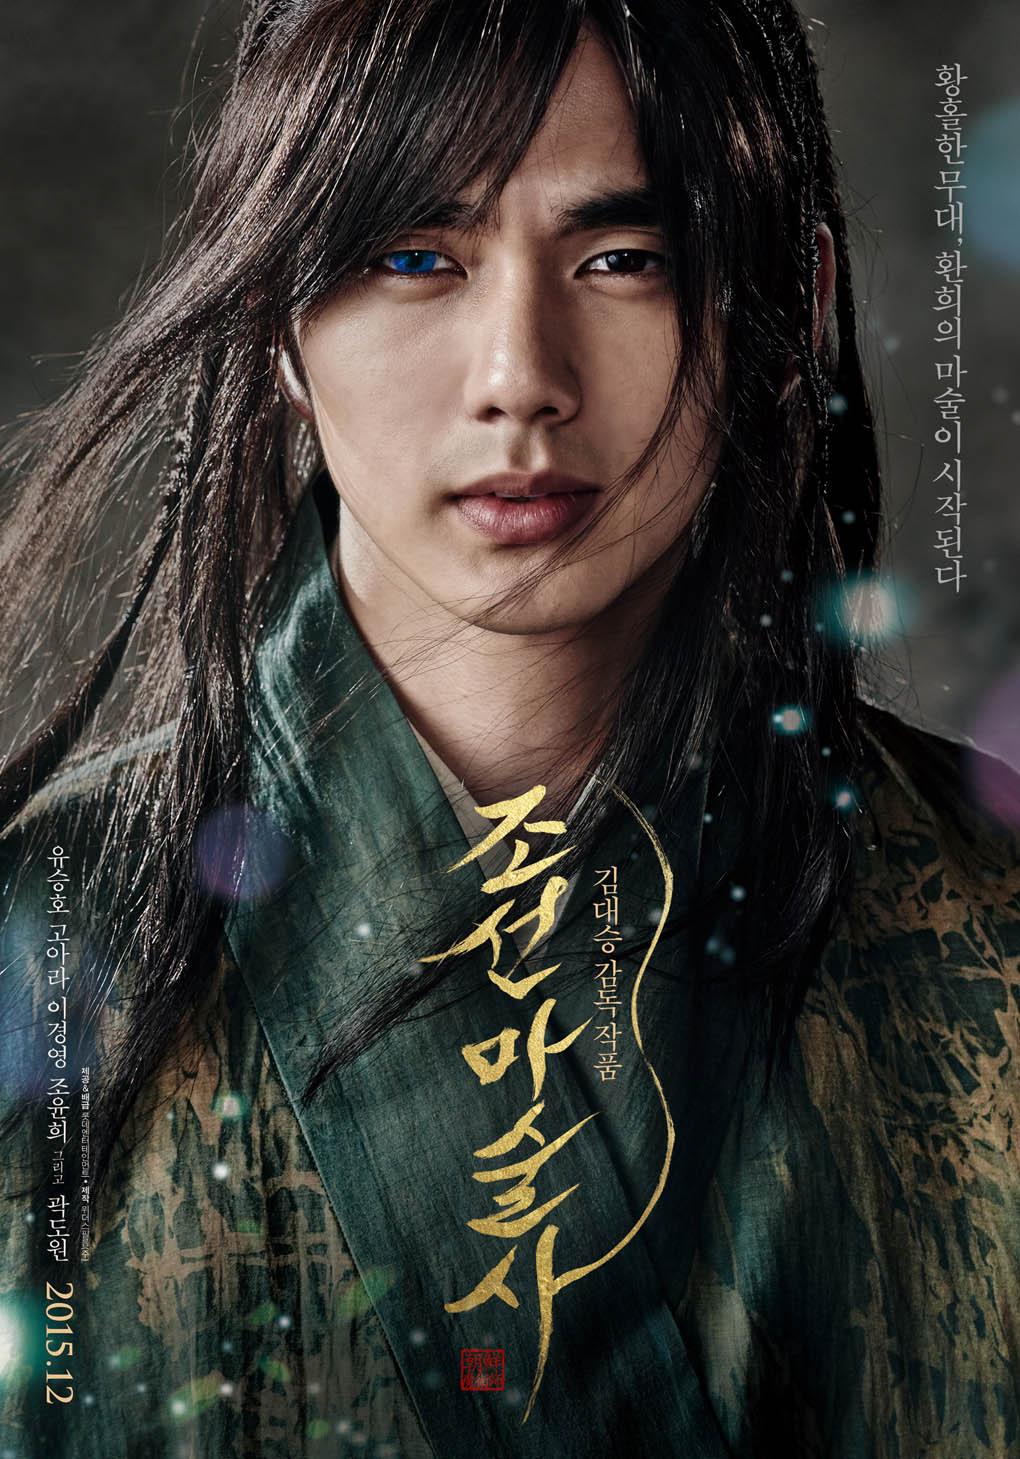 俞承豪複出作《朝鮮魔術師》12月上映 曝藍眼海報